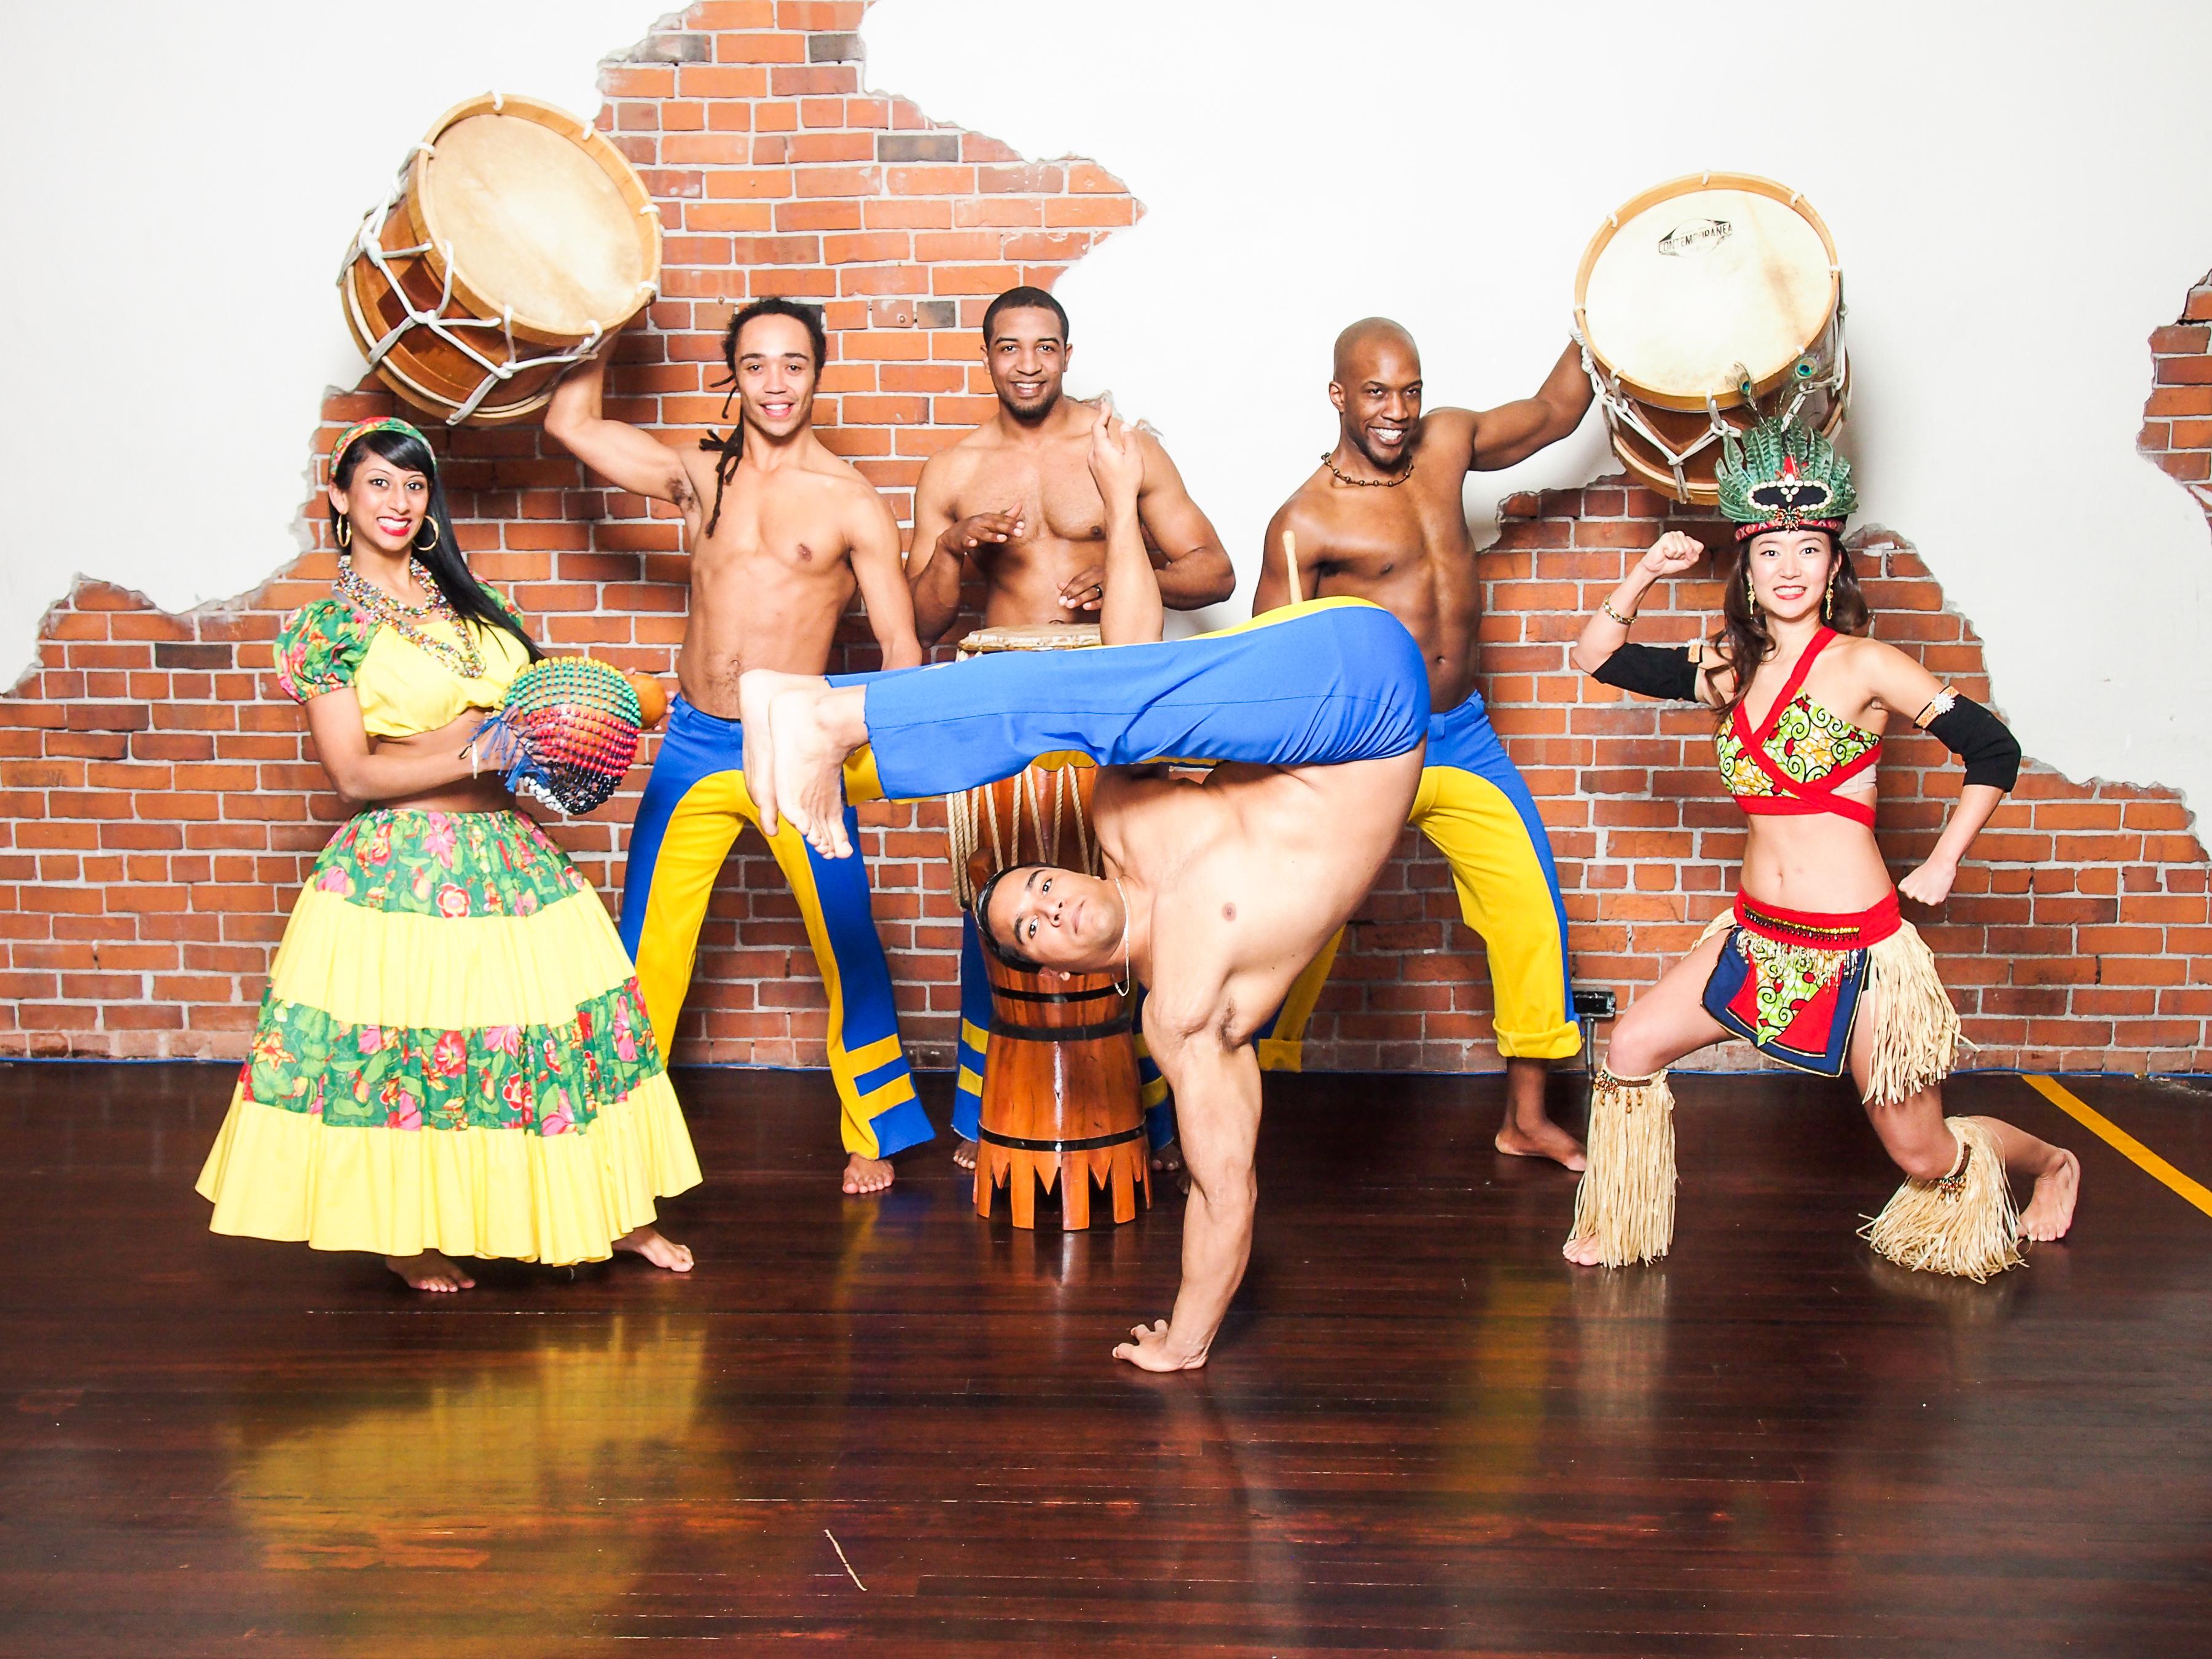 Grupo_Axe_Capoeira.jpg